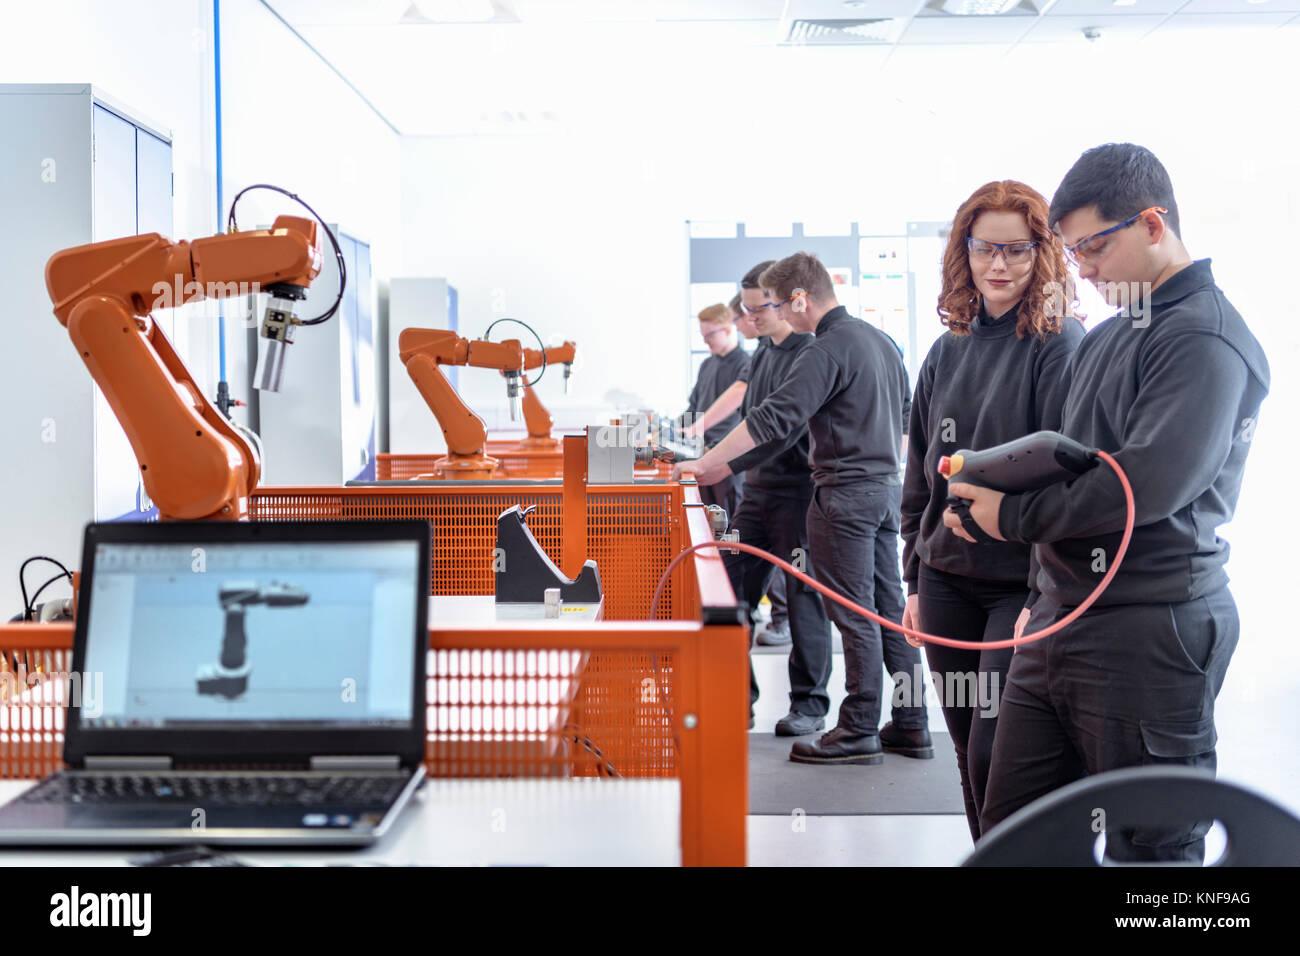 À l'aide d'apprentis Robotique Robots industriels dans le domaine de la robotique de test facility Photo Stock